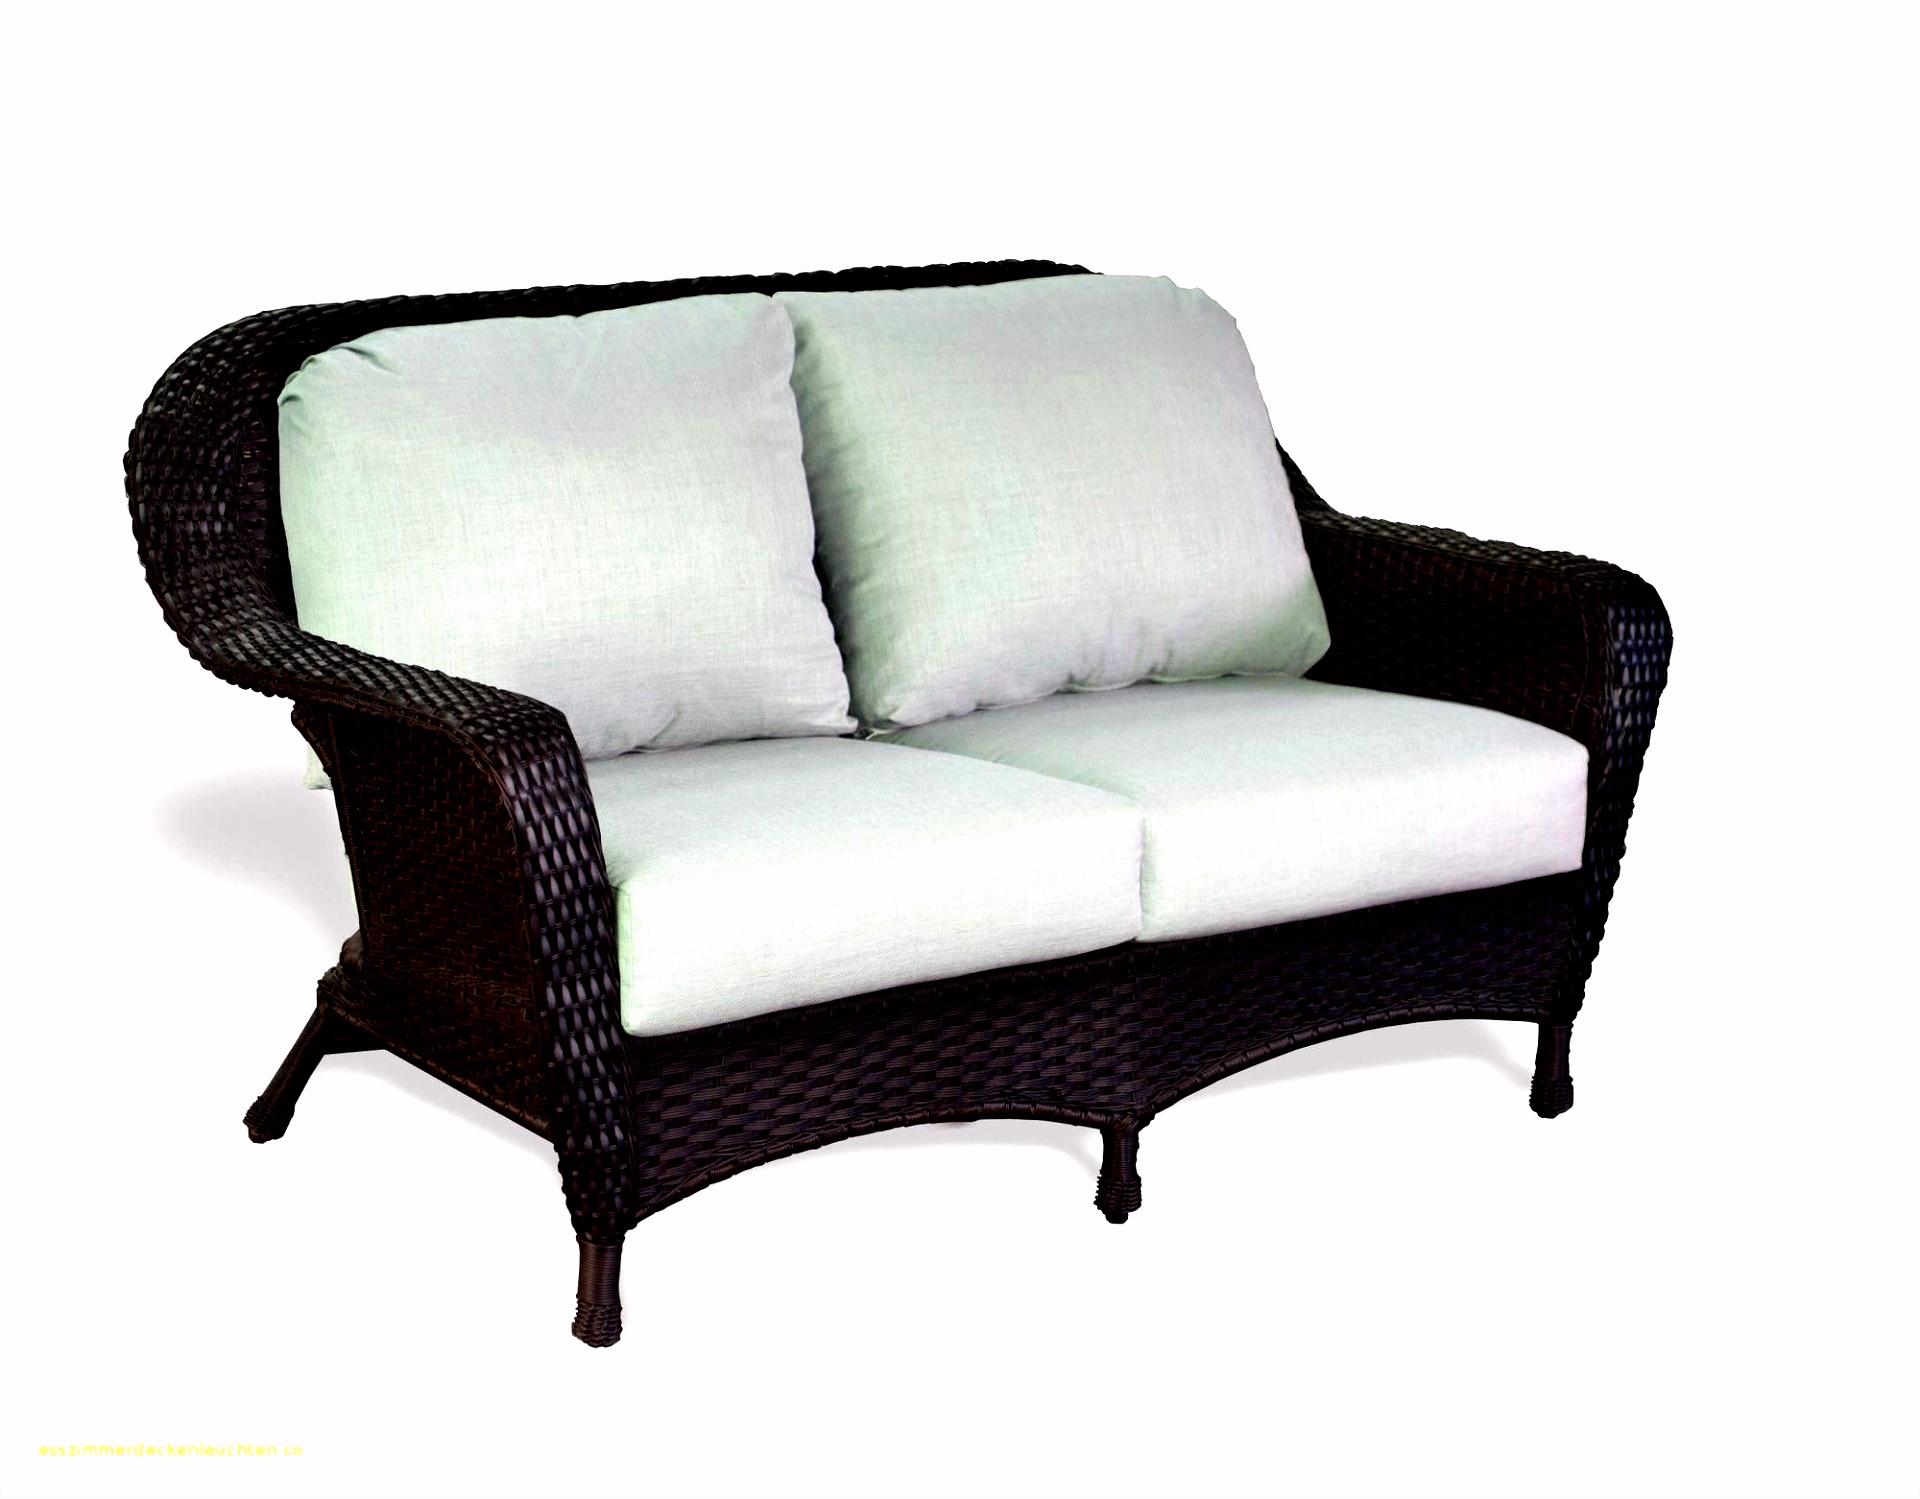 Kleines sofa Einzigartig Kleines sofa Kaufen Einzigartig Englisches